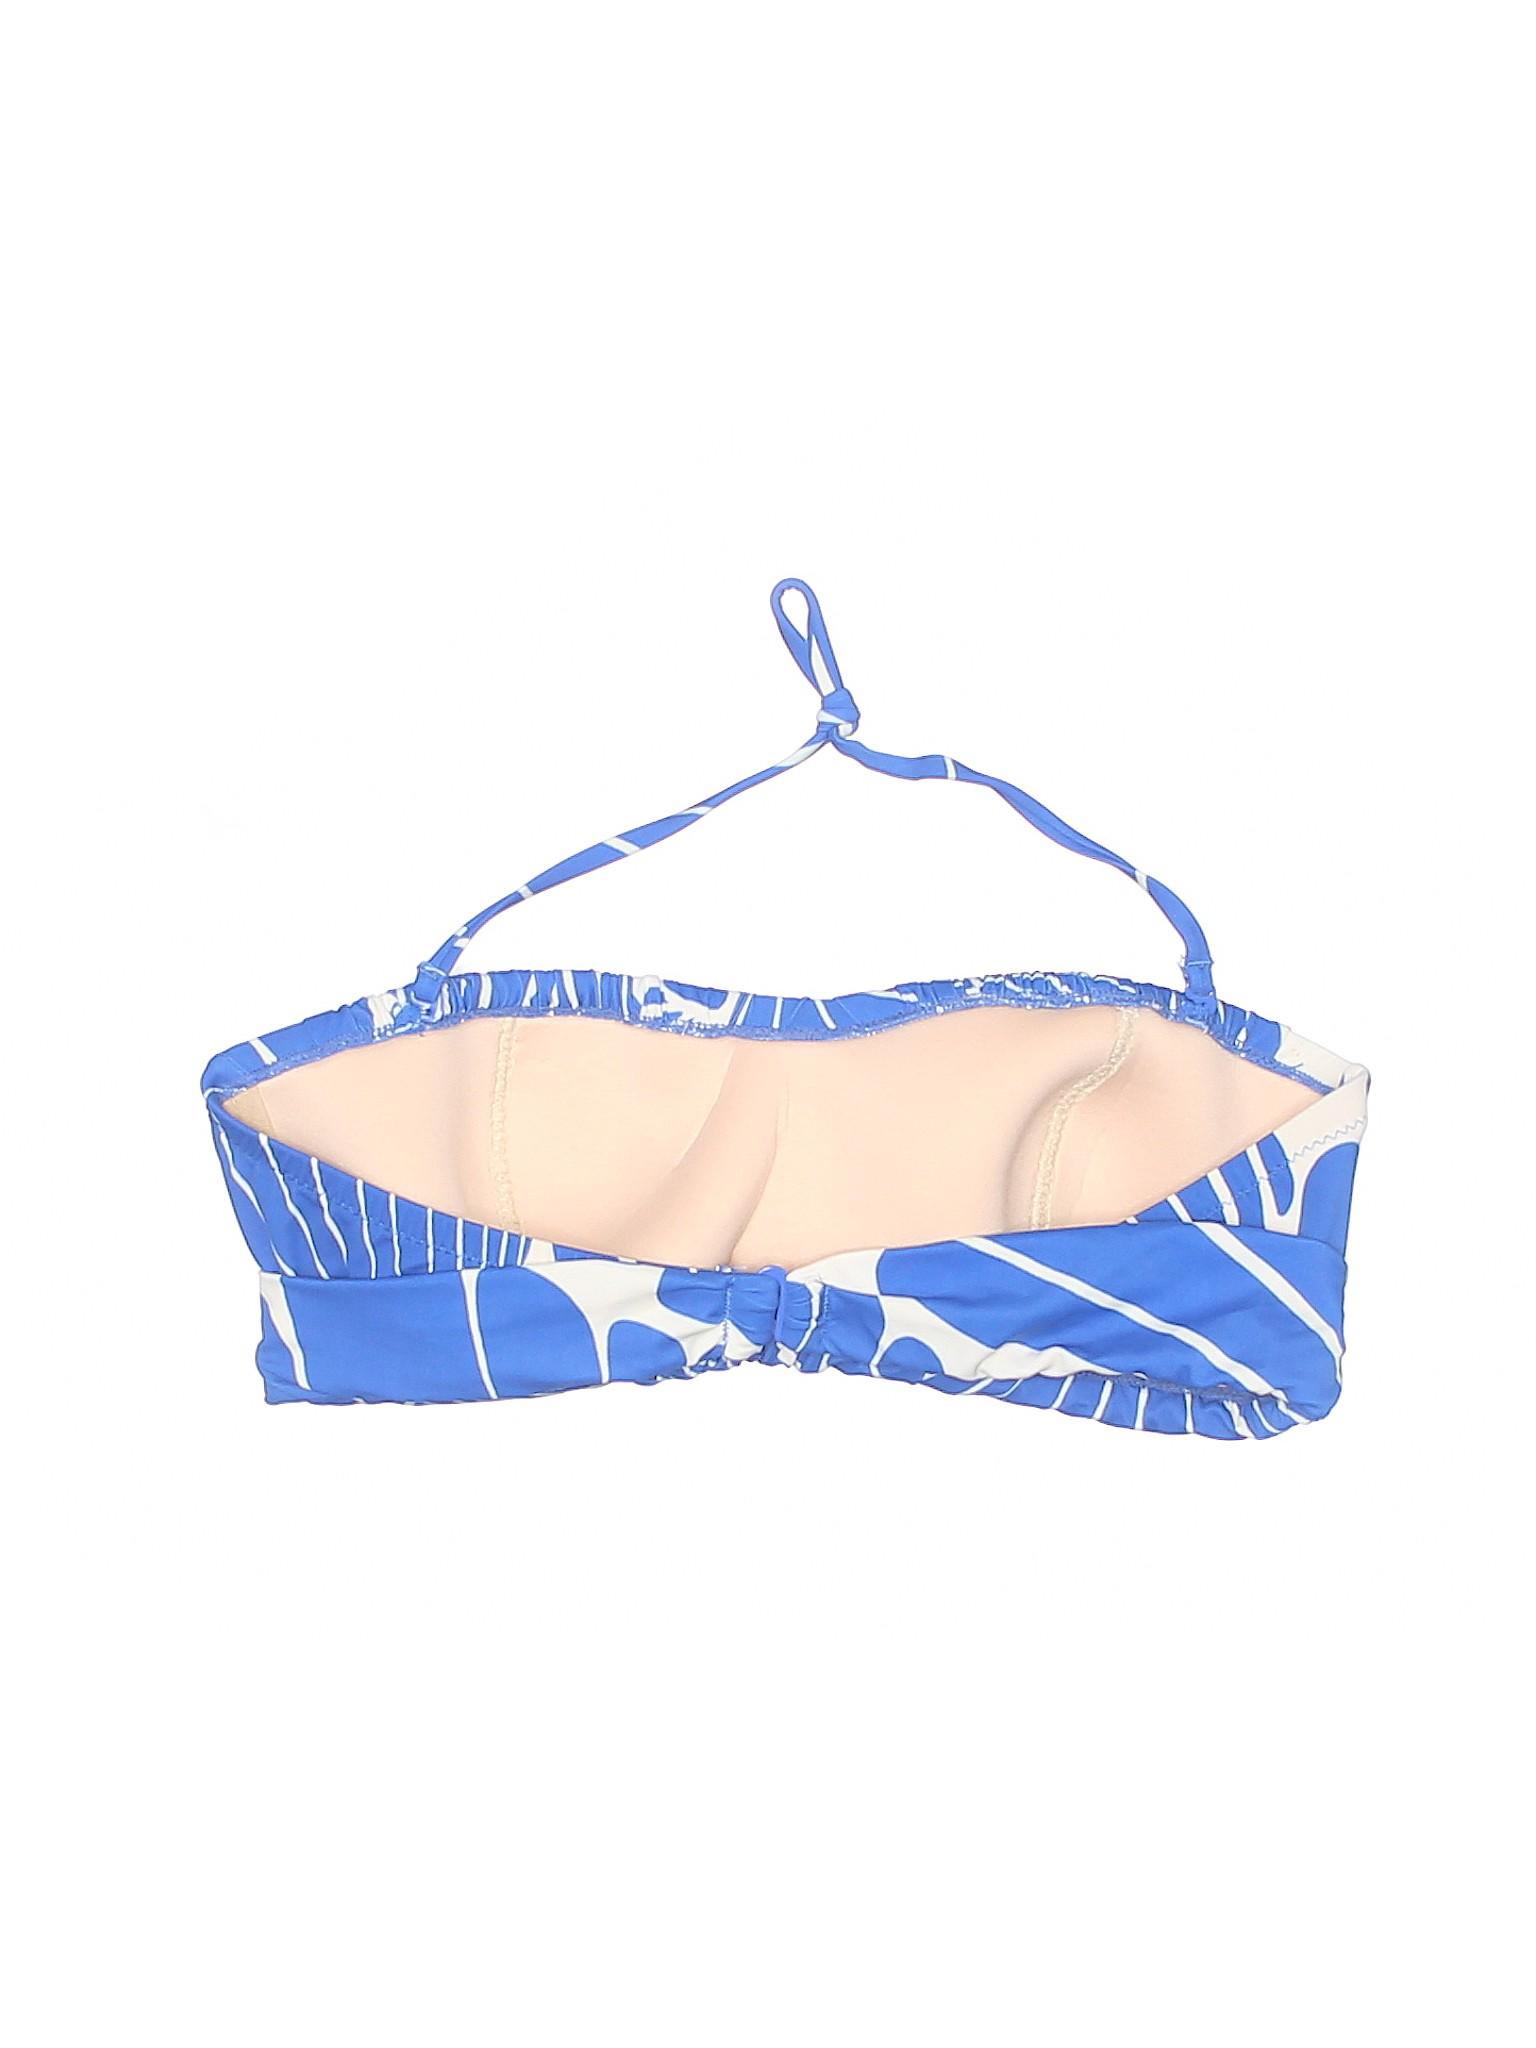 J Boutique Boutique Top Swimsuit J Crew Swimsuit Top Crew Crew Boutique Swimsuit J RH55qxSw